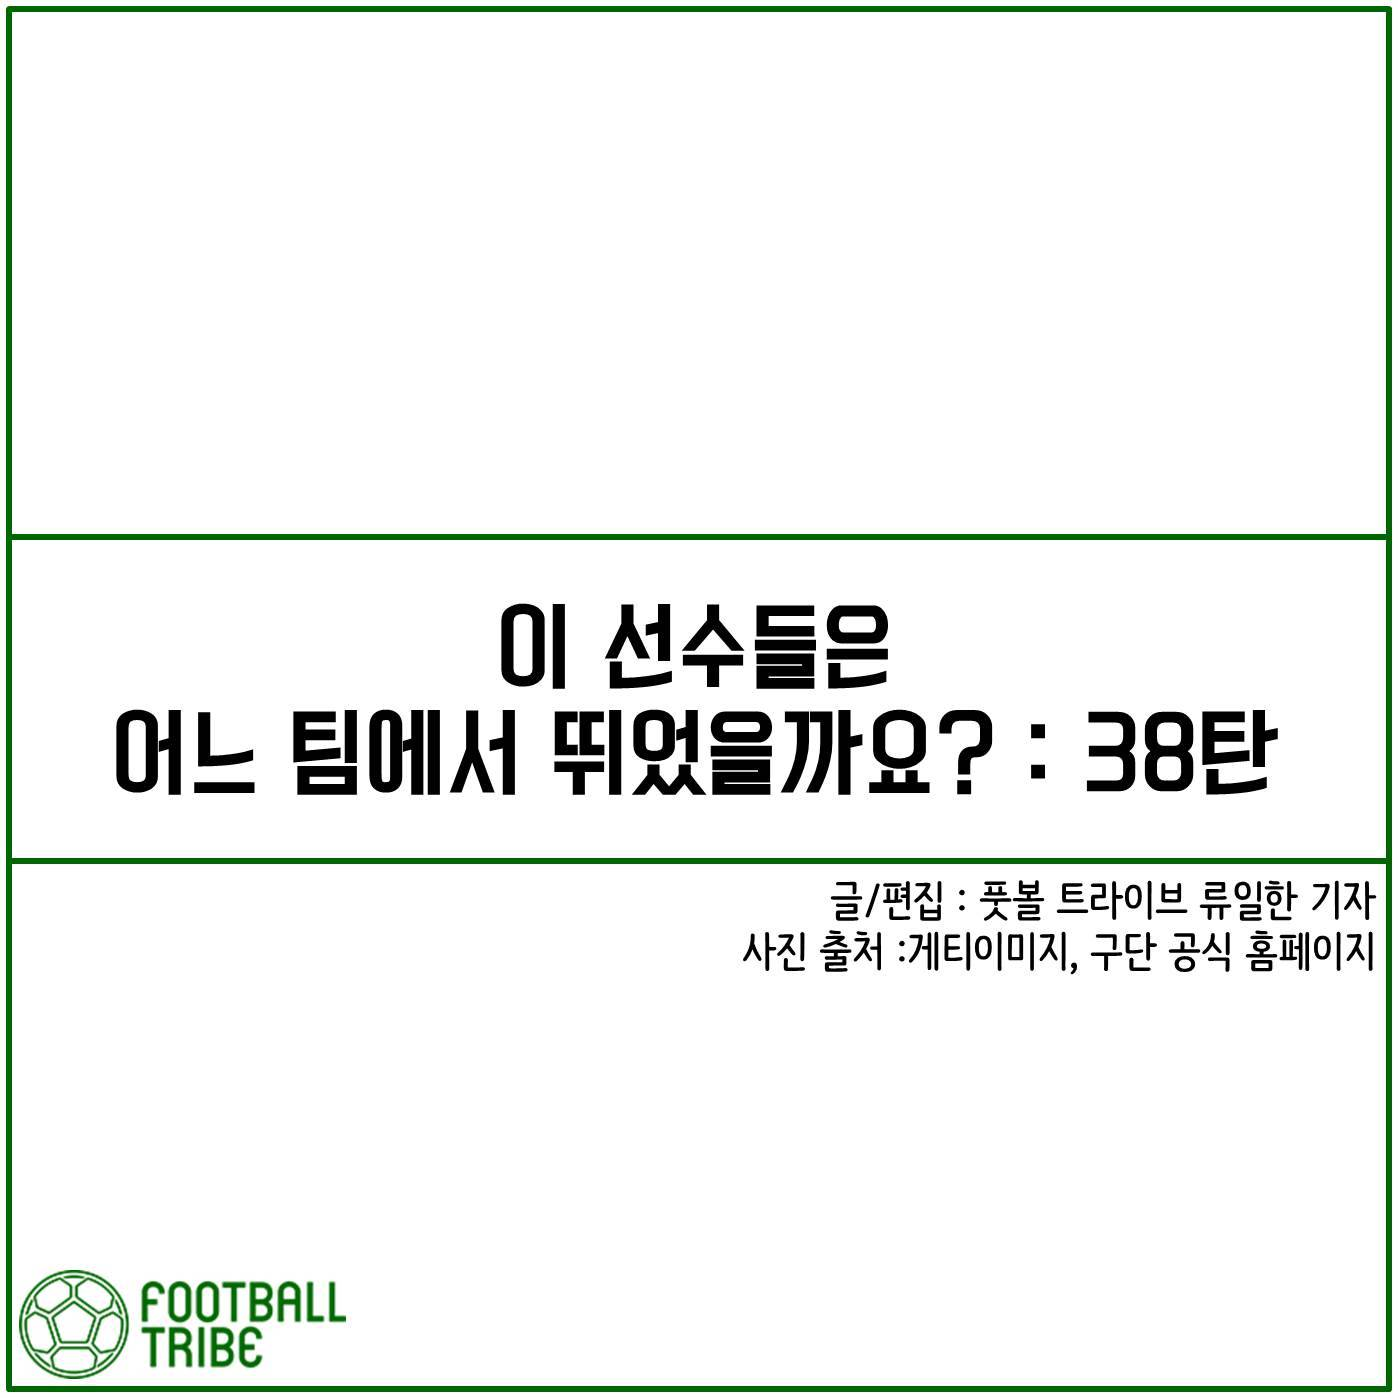 [카드 뉴스] 이 선수들은 어느 팀에서 뛰었을까요?: 38탄